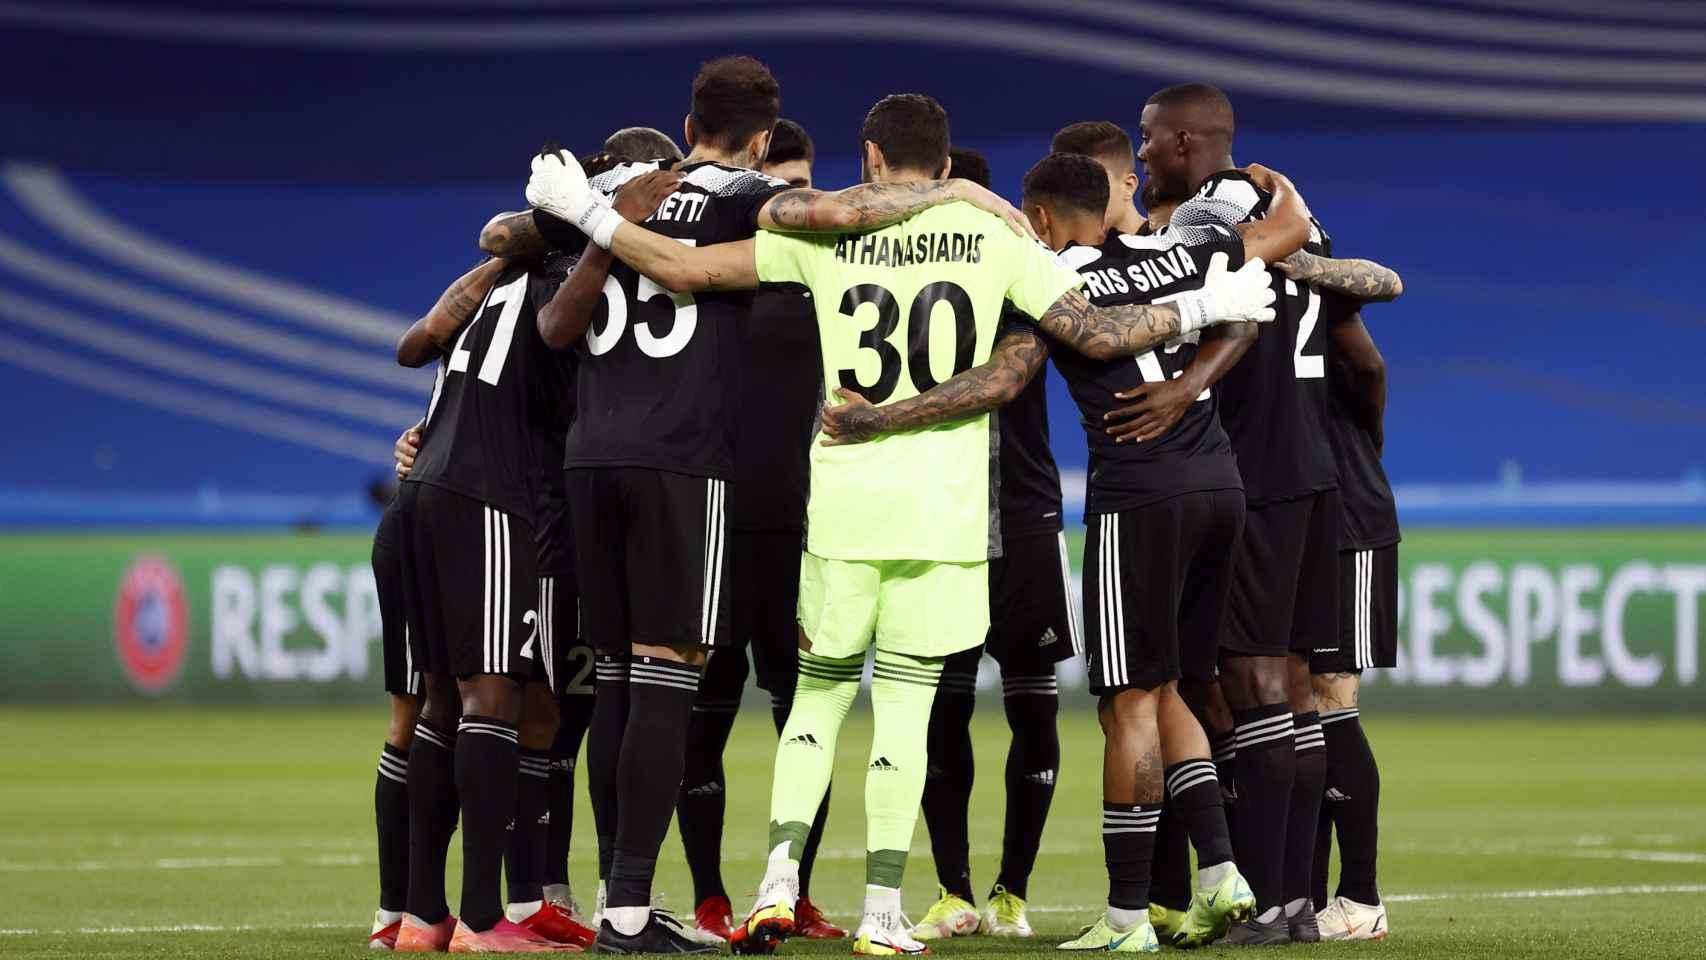 Piña de los futbolistas del Sheriff antes de comenzar el partido frente al Real Madrid